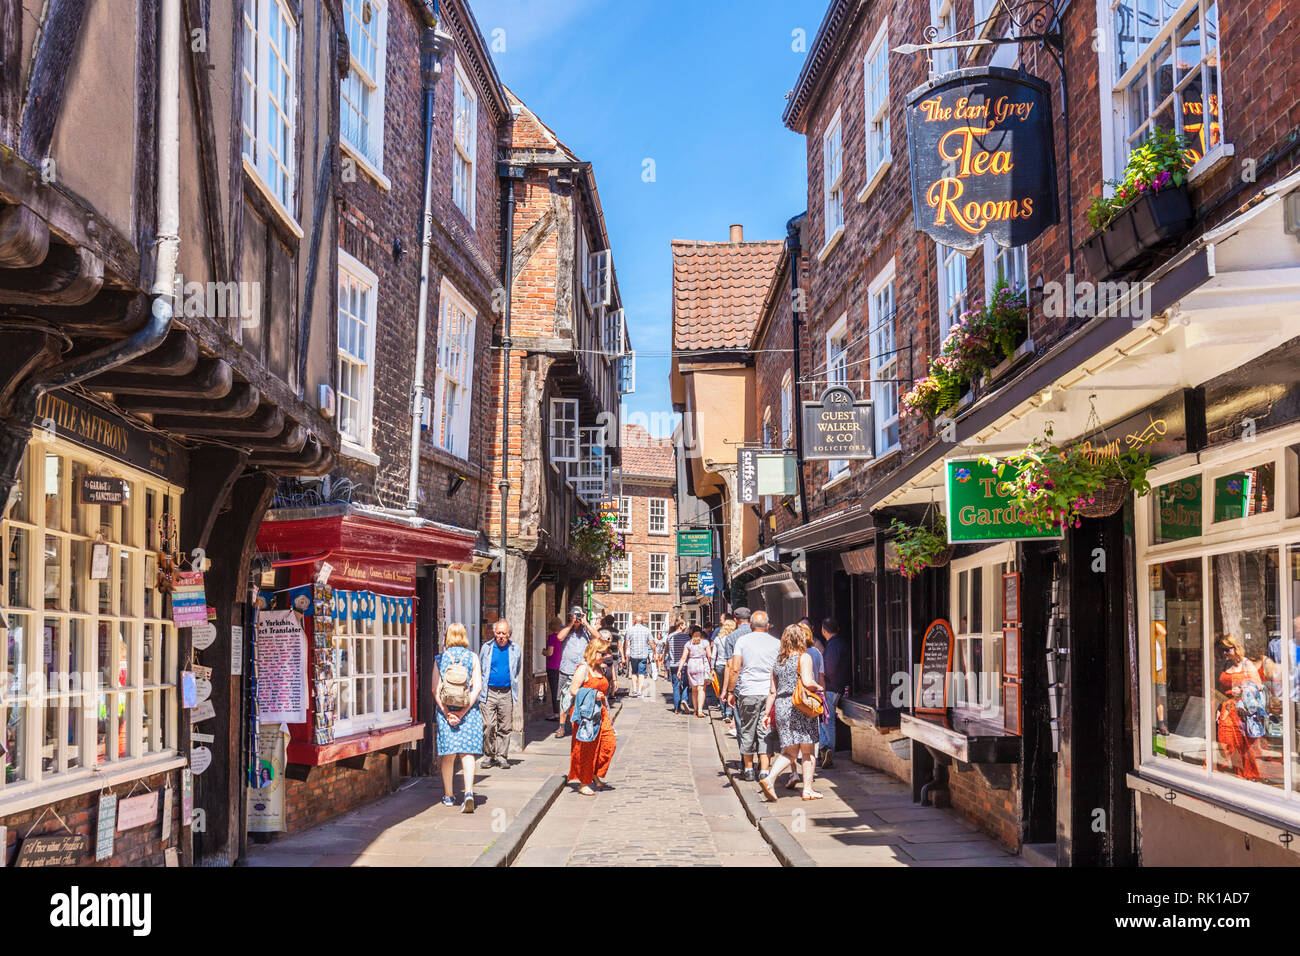 Les touristes marchant dans la pagaille la rue étroite de pans de vieux bâtiments médiévaux York Yorkshire Angleterre UK, GO Europe Photo Stock